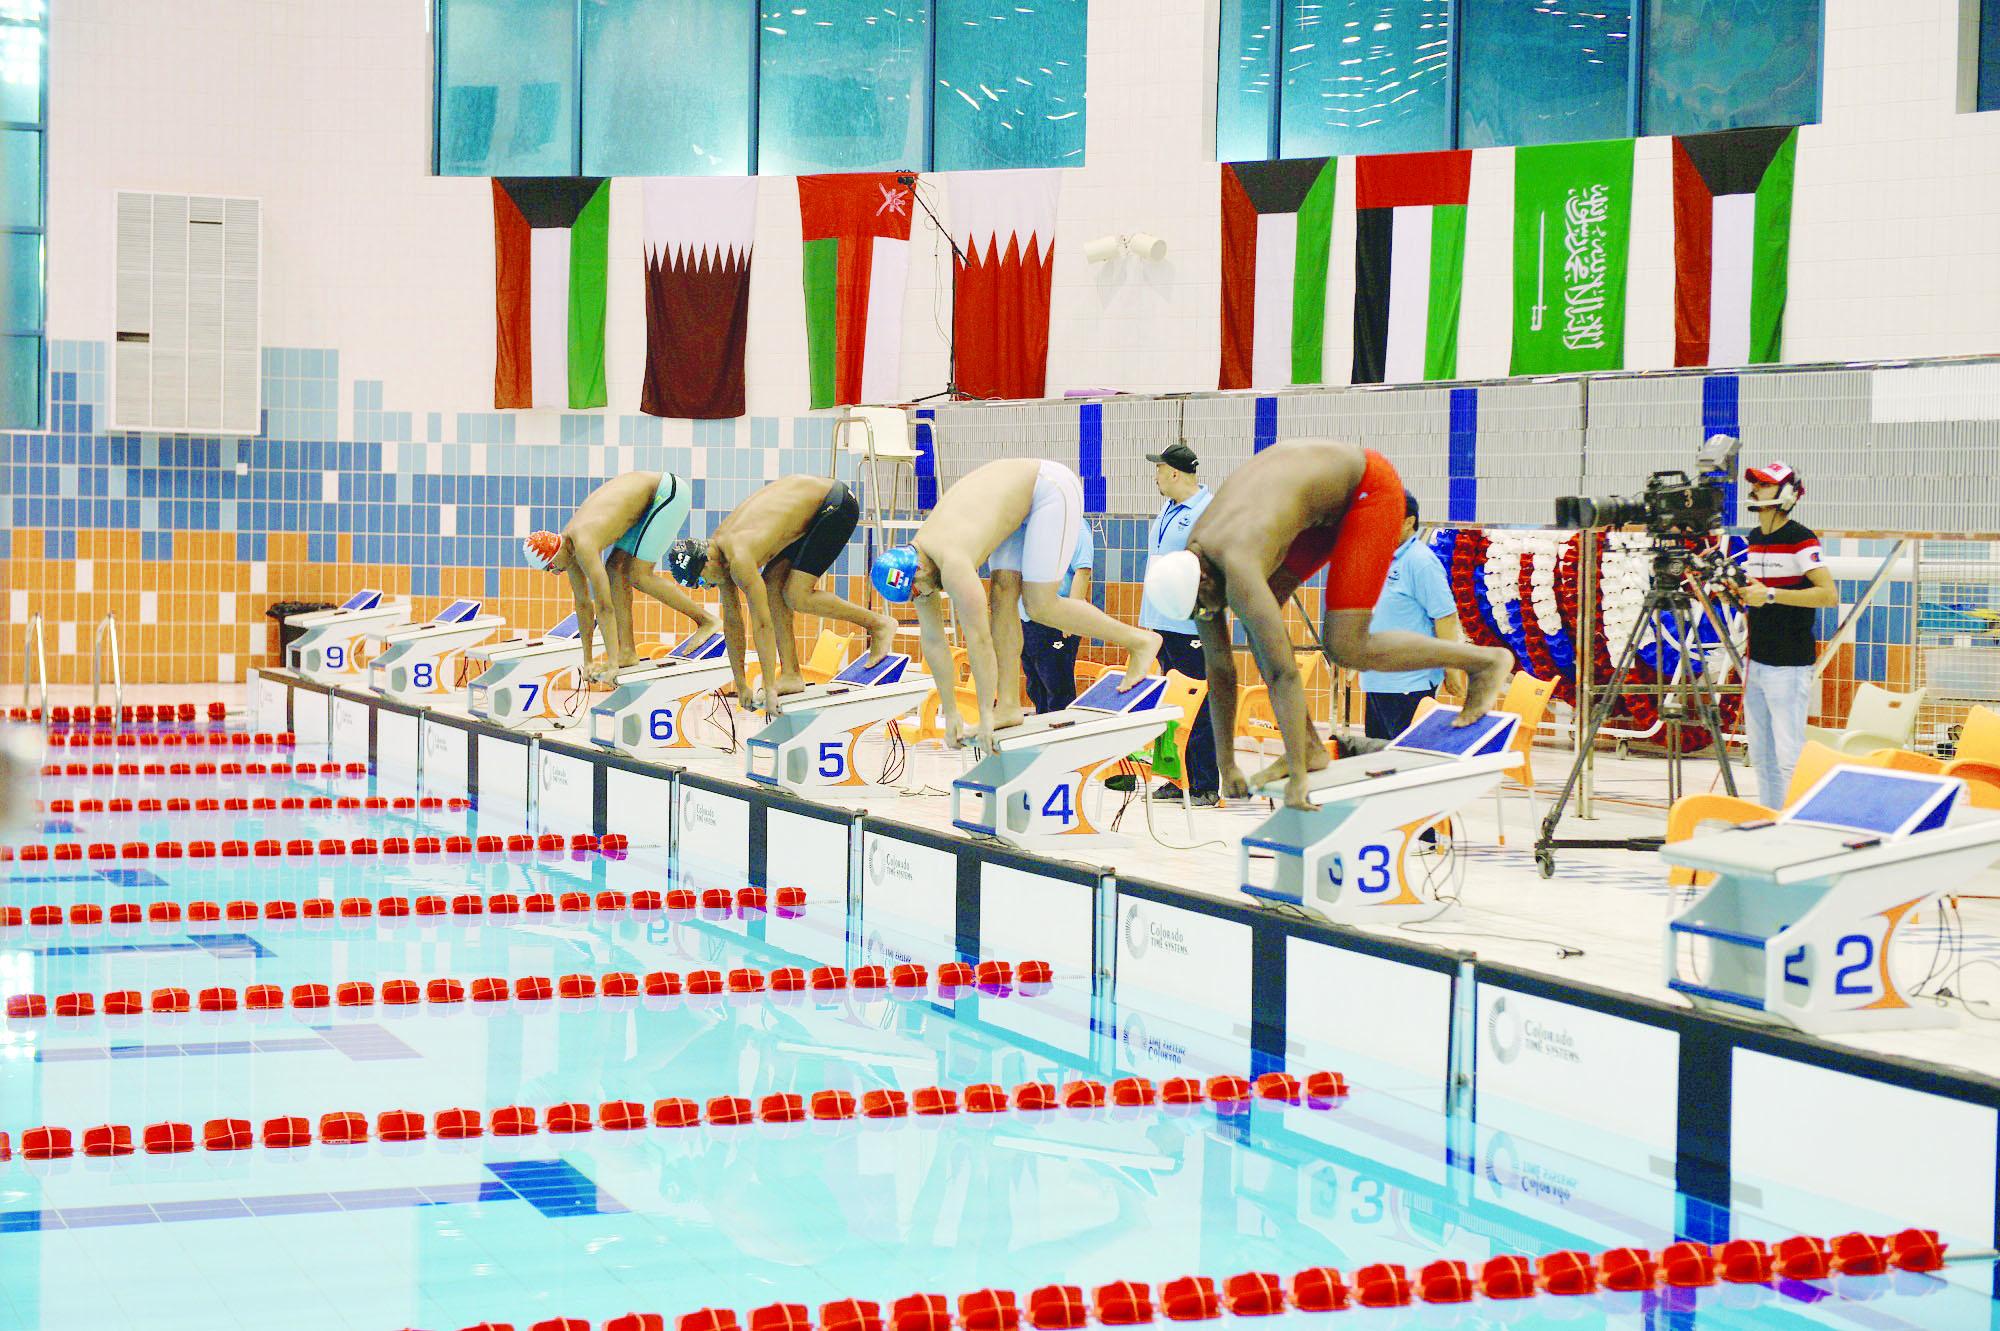 حصيلتنا ذهبية وثلاث فضيات وبرونزيتين في فئتي العموم وعشر سنوات في بطولة الألعاب المائية